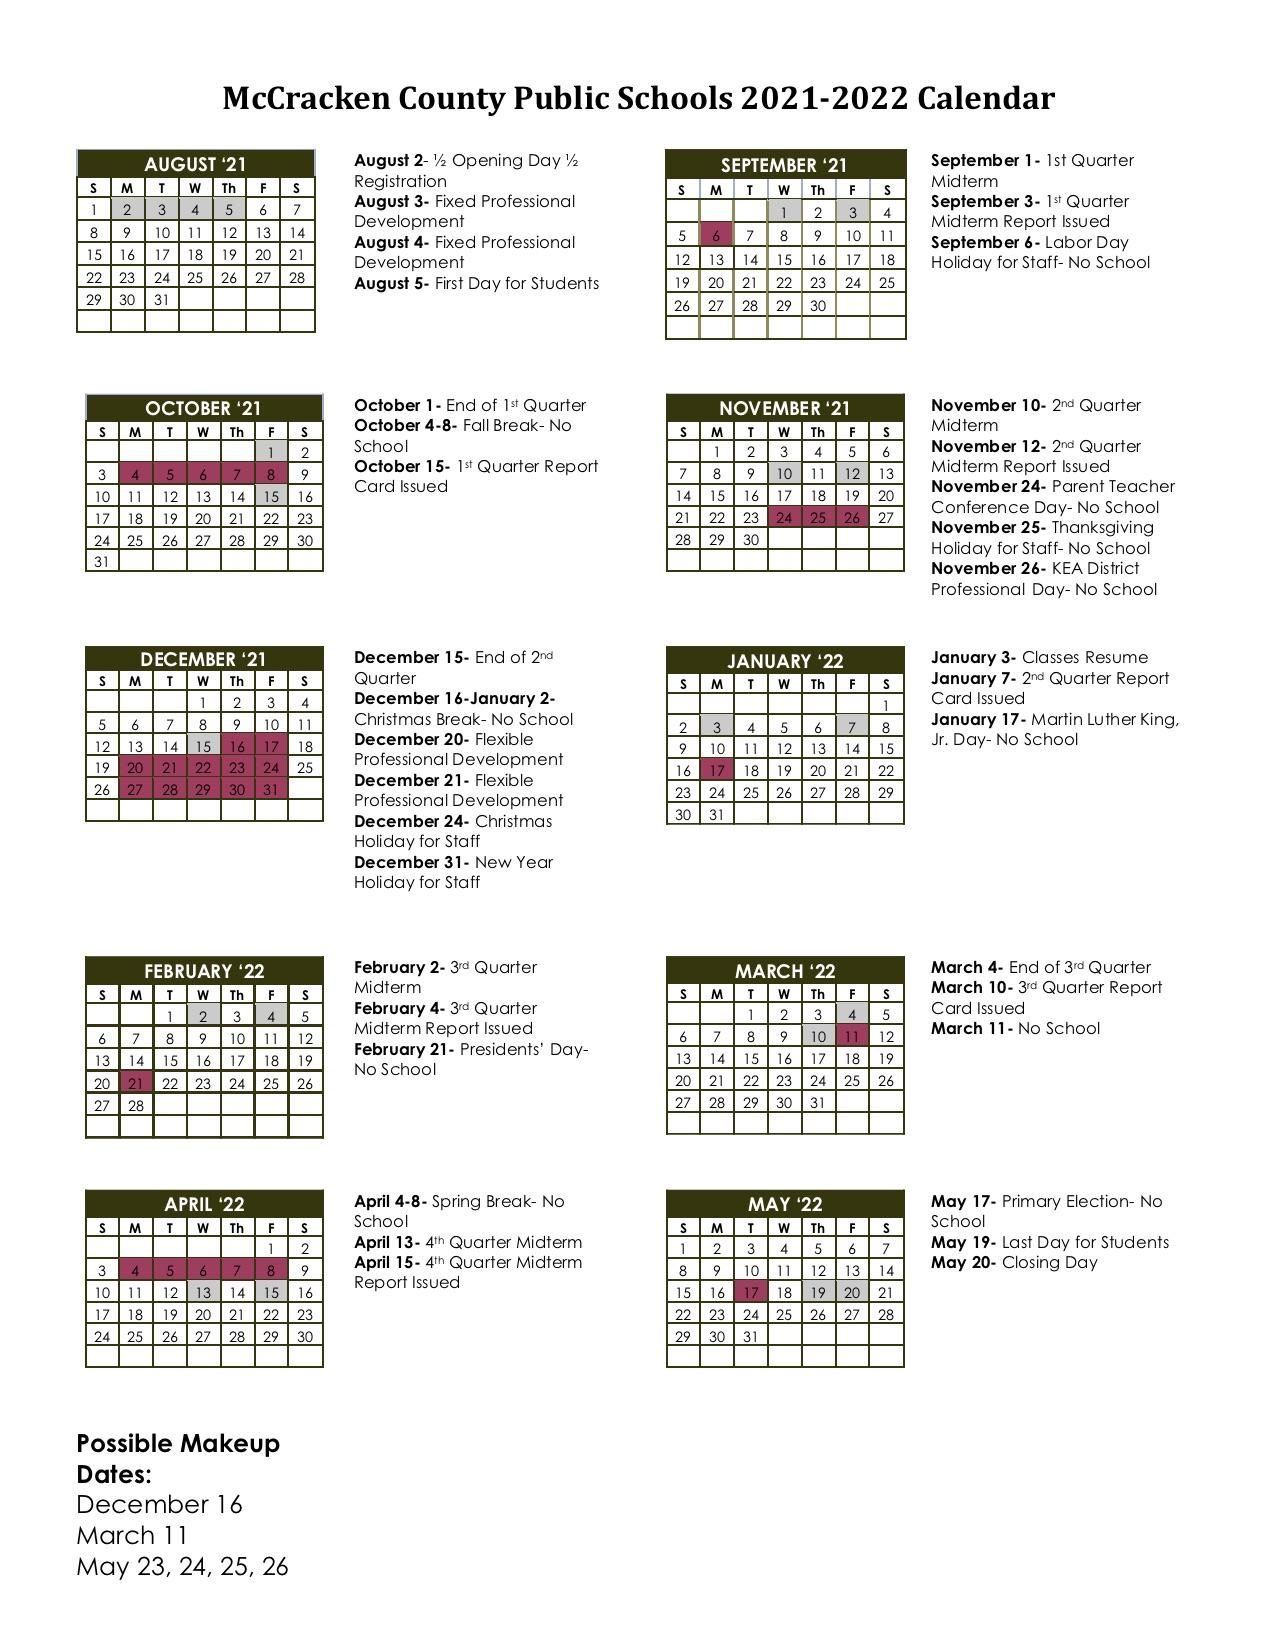 Mcps Calendar 2022.Accelerated Reader